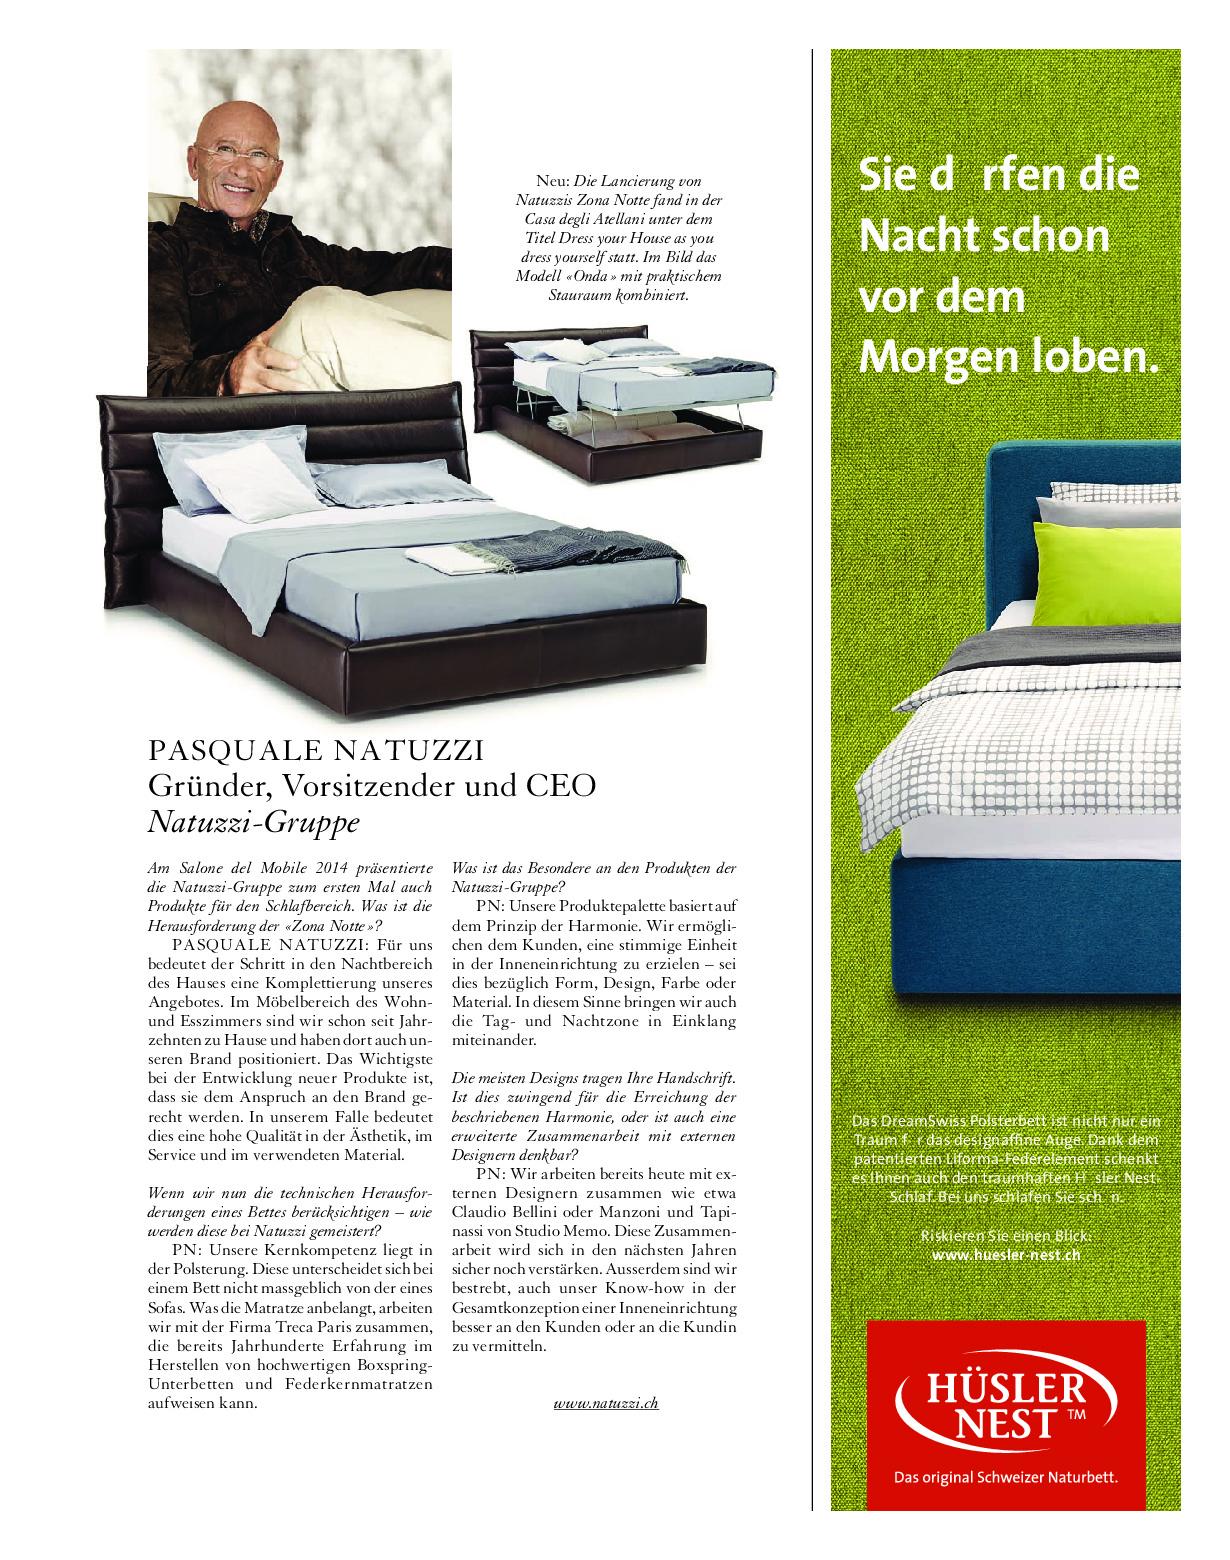 Suisse_Das_Ideale_Heim_oct_2014-4